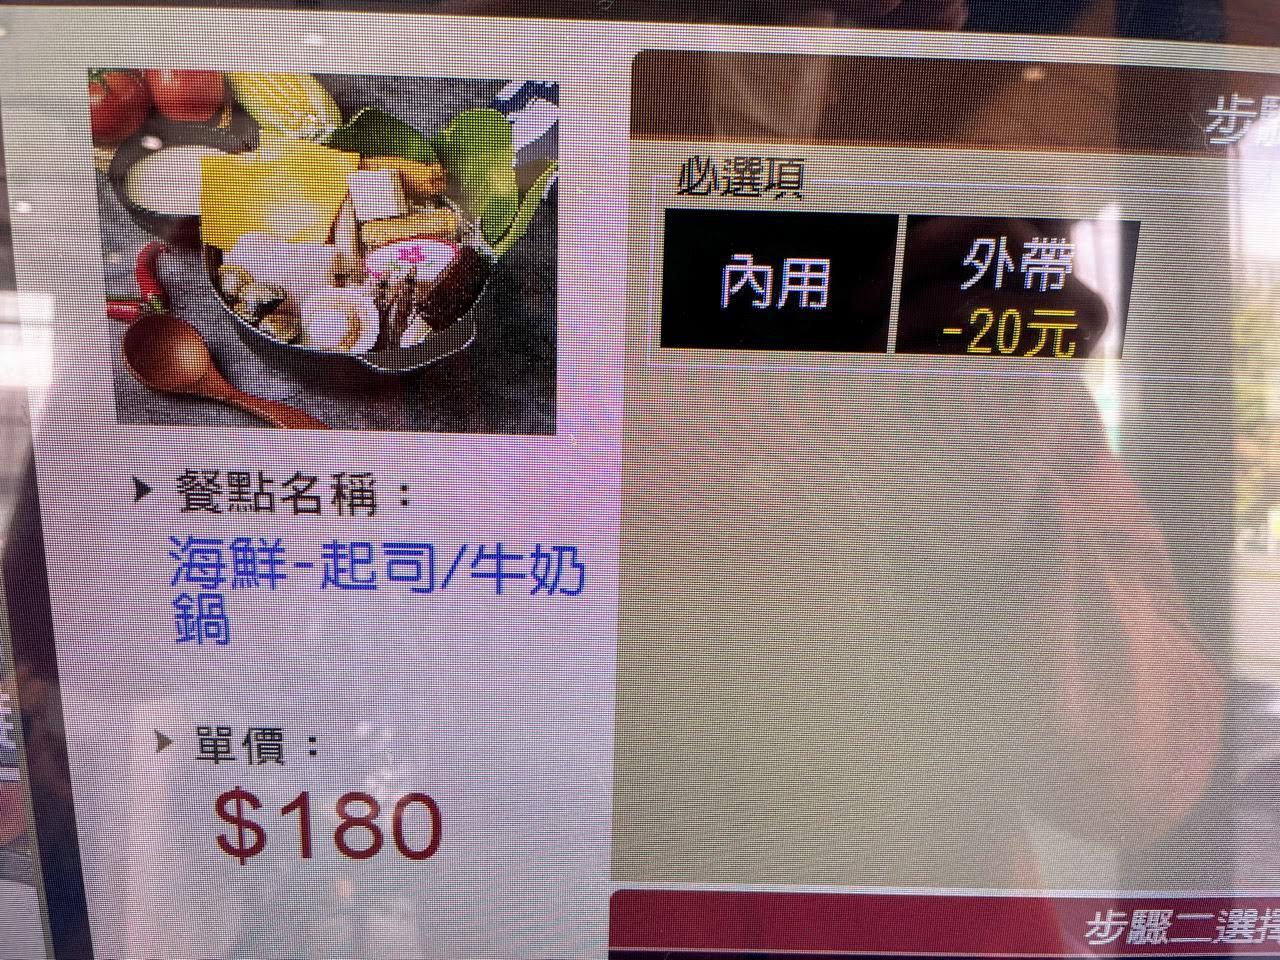 億品鍋 台南頂美店。近60顆大蛤蠣的風味蛤蠣鍋|又是讓人痛風的一餐